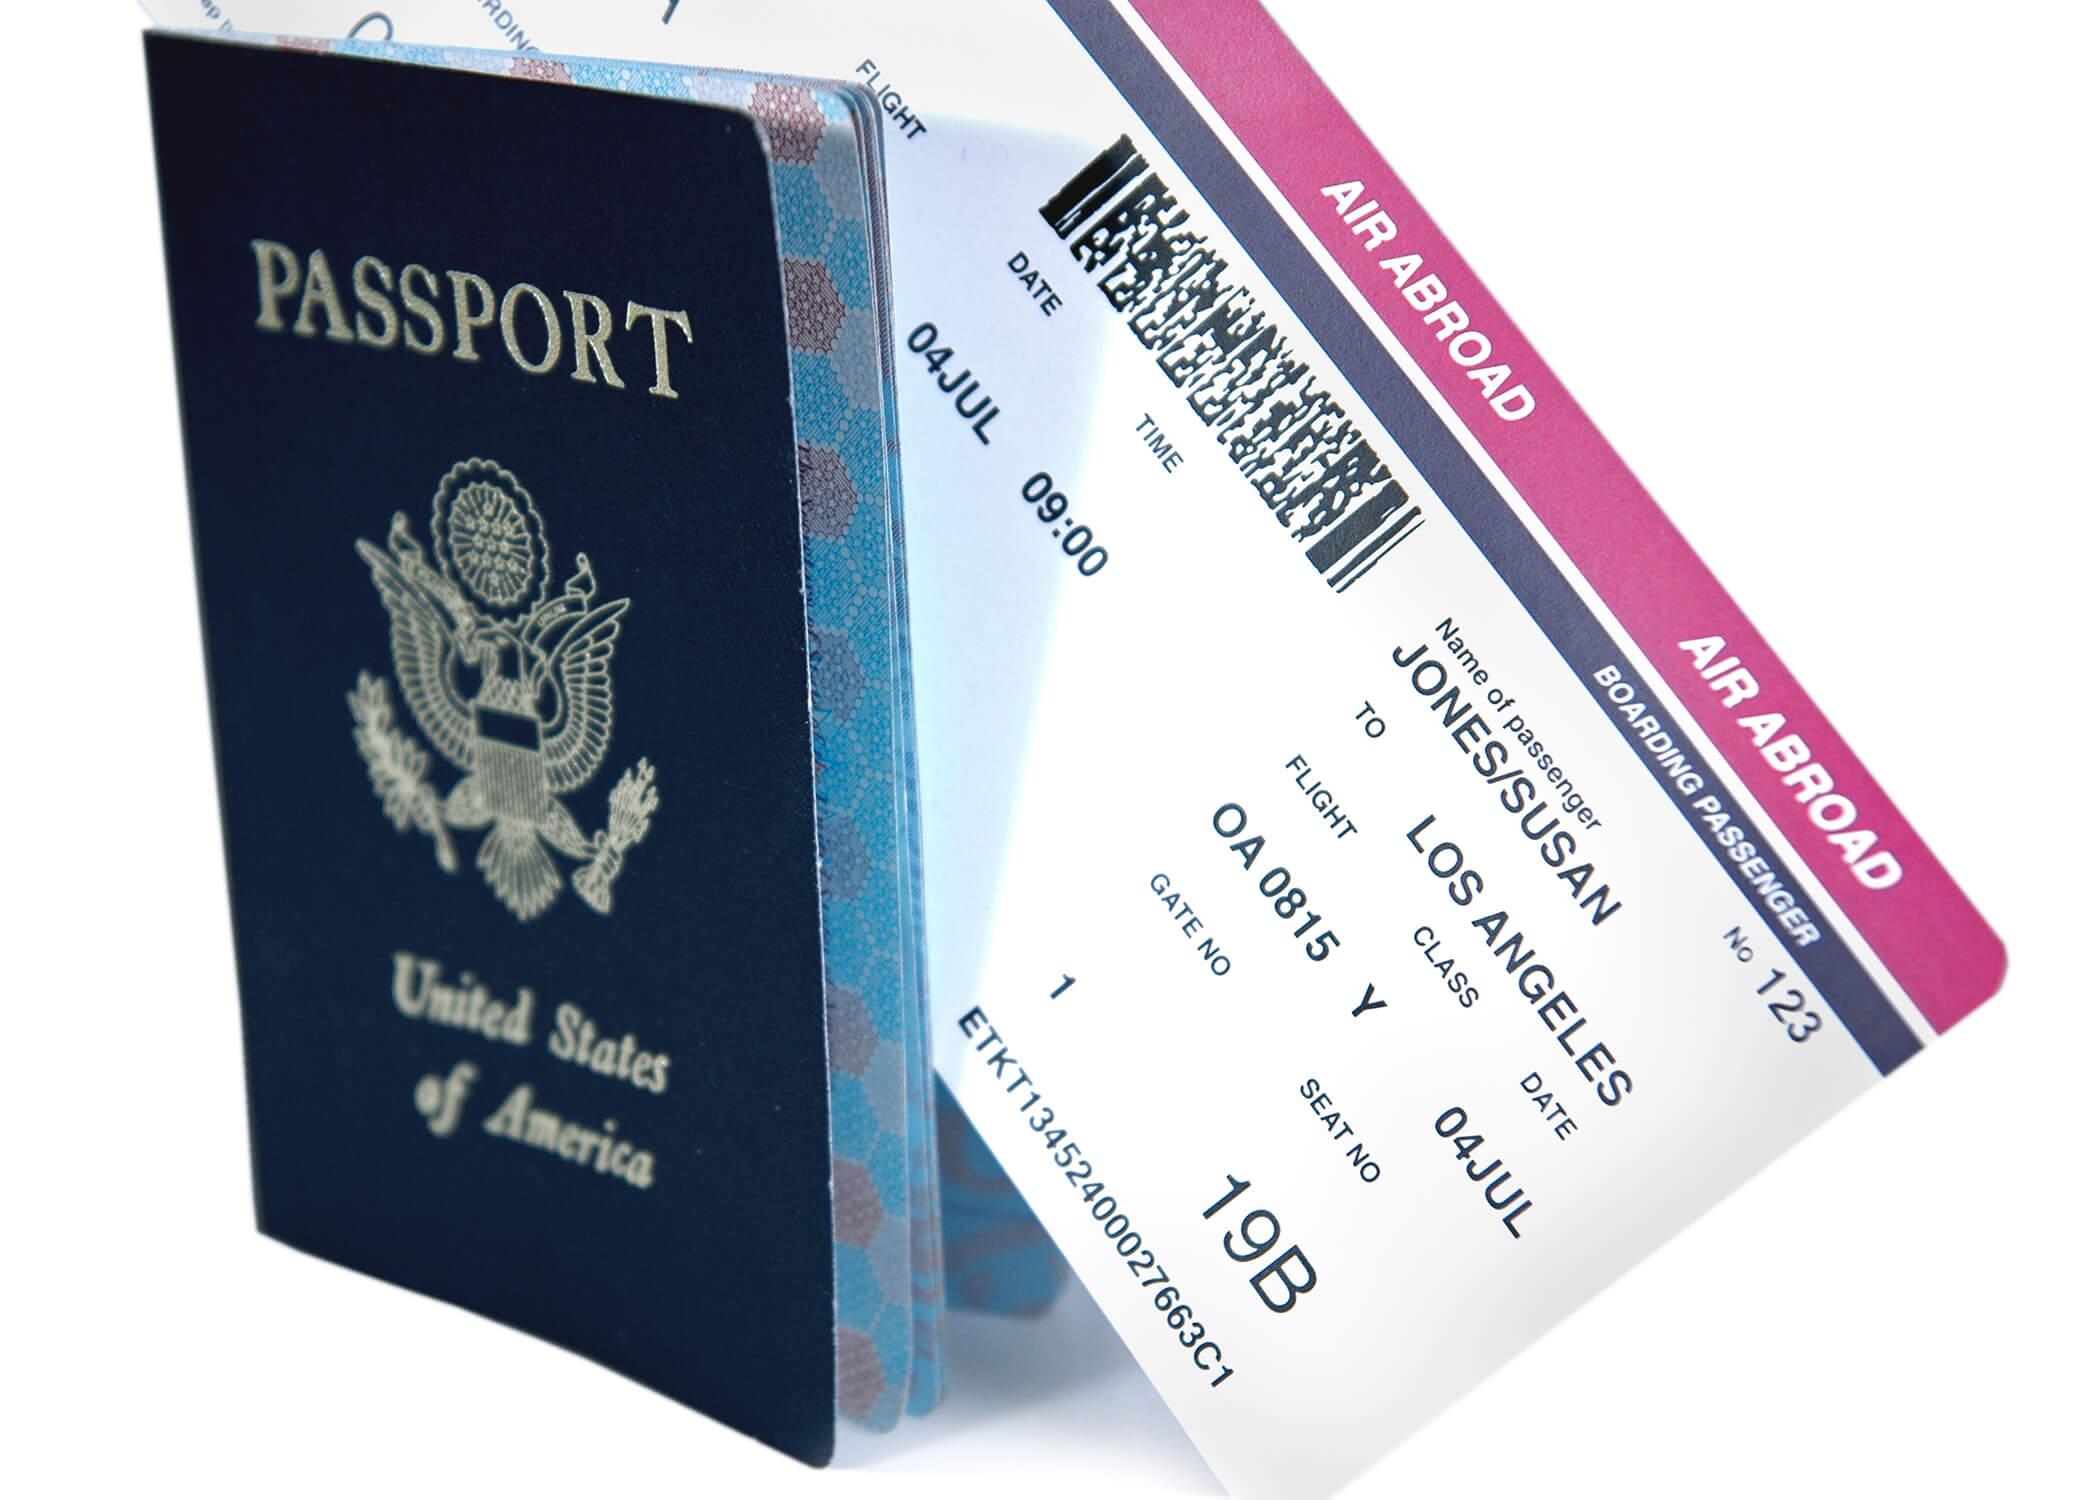 Tiket pesawat dan paspor